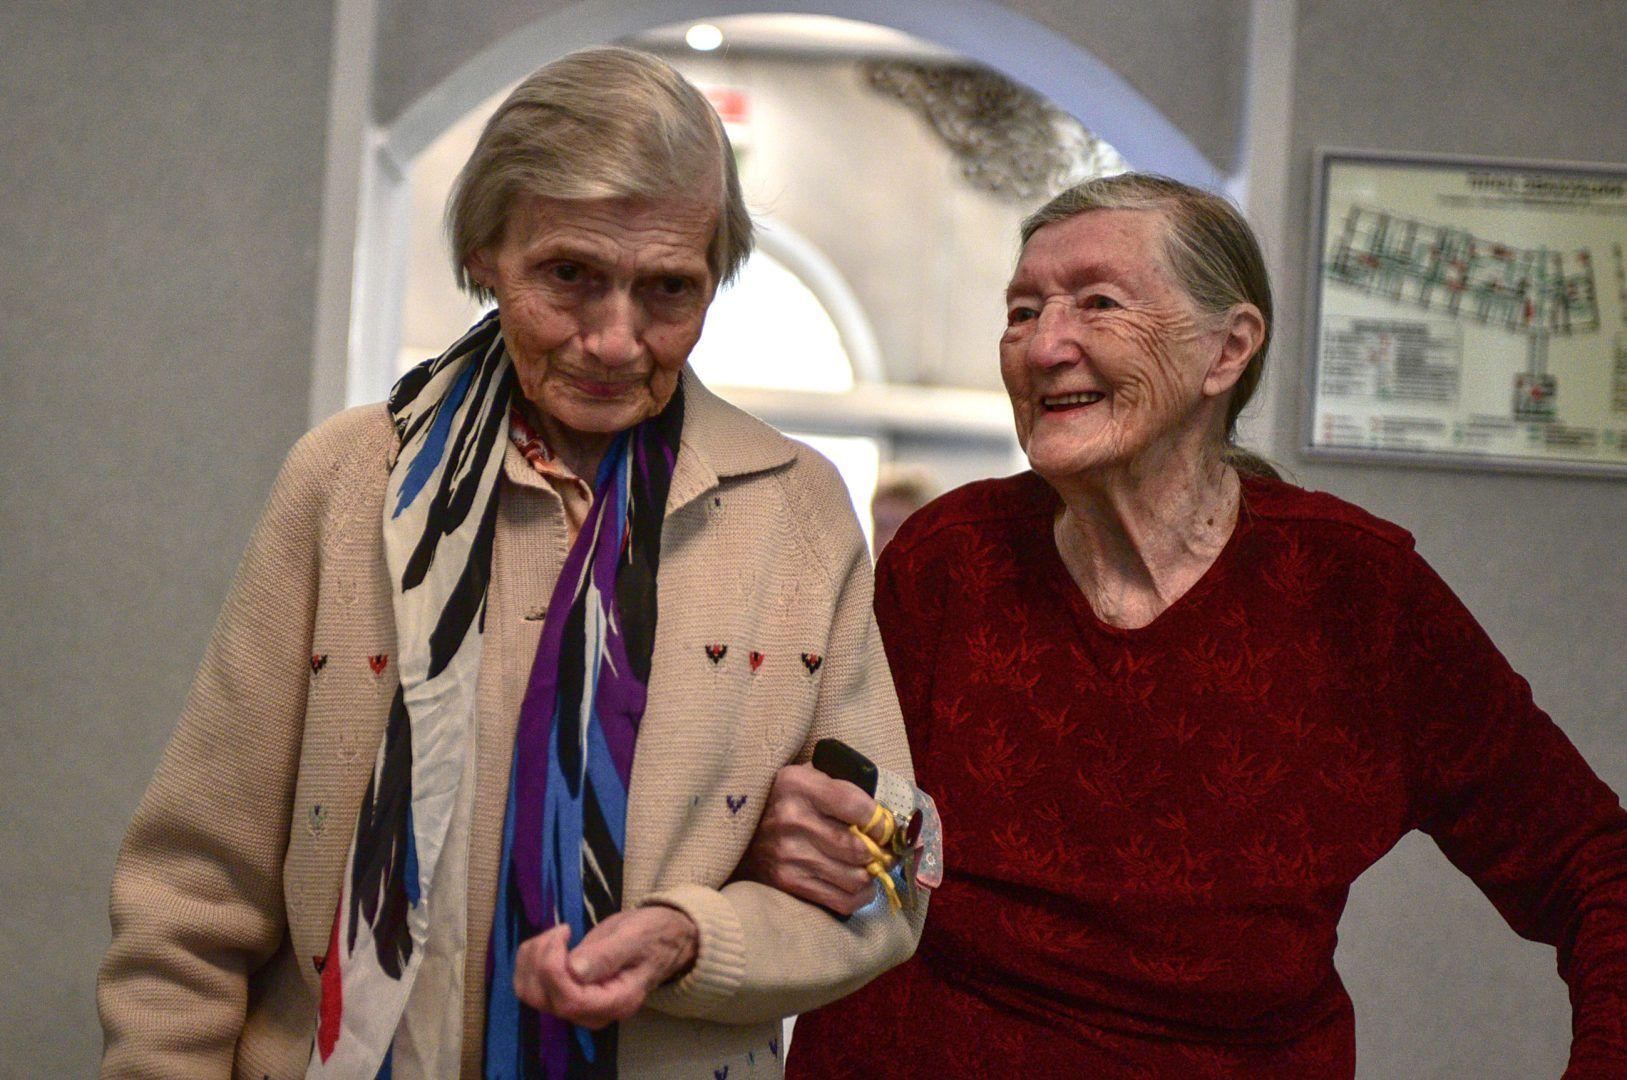 Обзорную экскурсию для пенсионеров организует депутат из Роговского. Фото: Пелагия Замятина, «Вечерняя Москва»